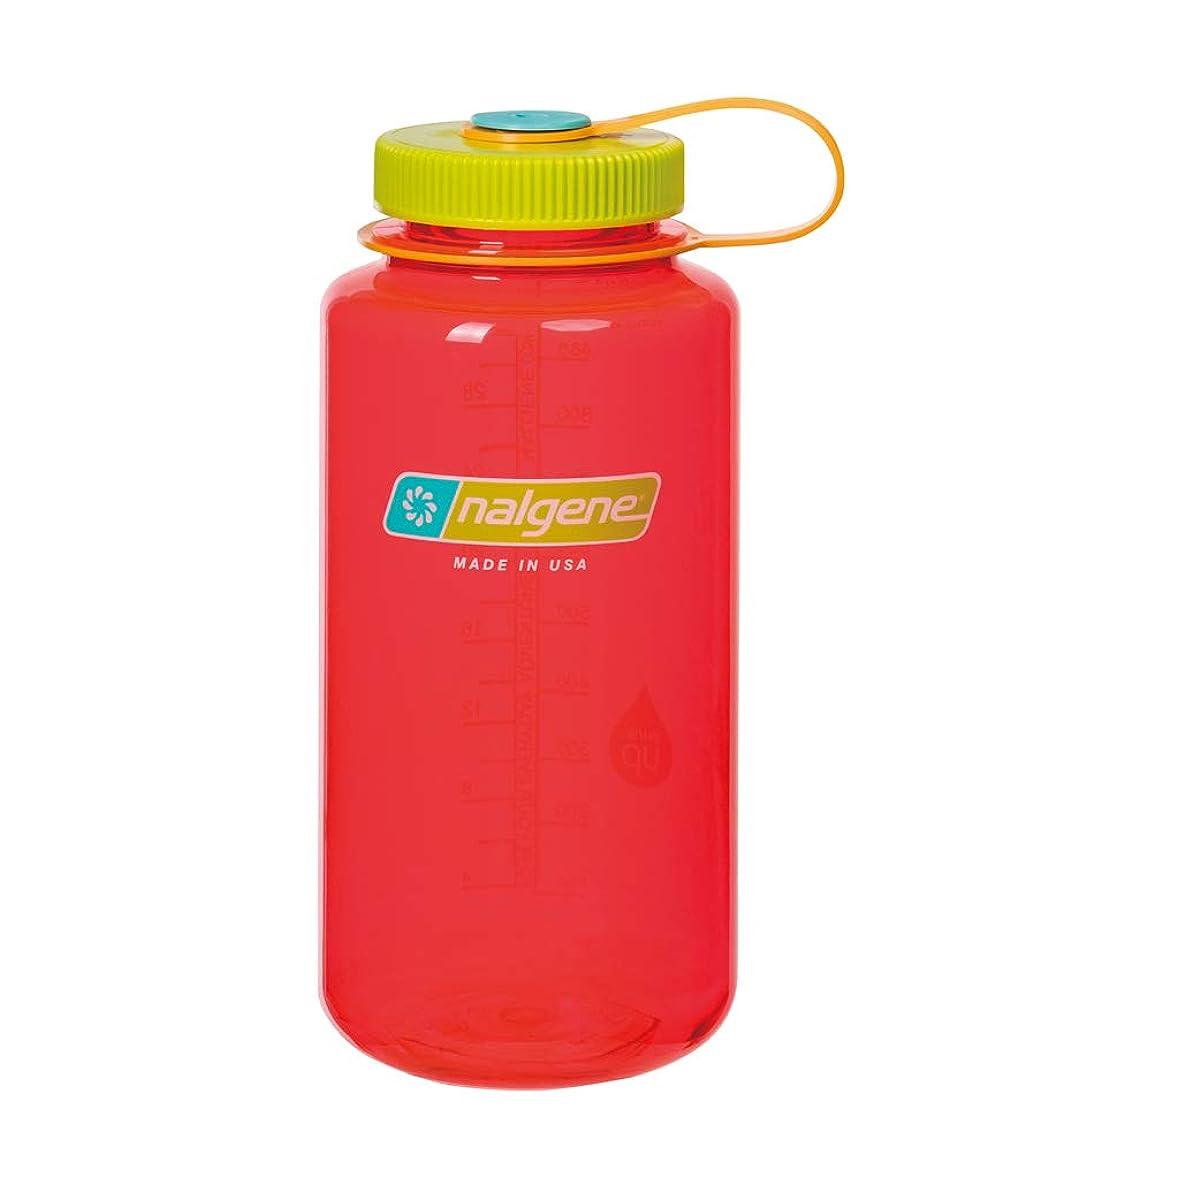 に向かってを通して平日ELITE(エリート) FLY ボトル 750ml ブラック/レッド